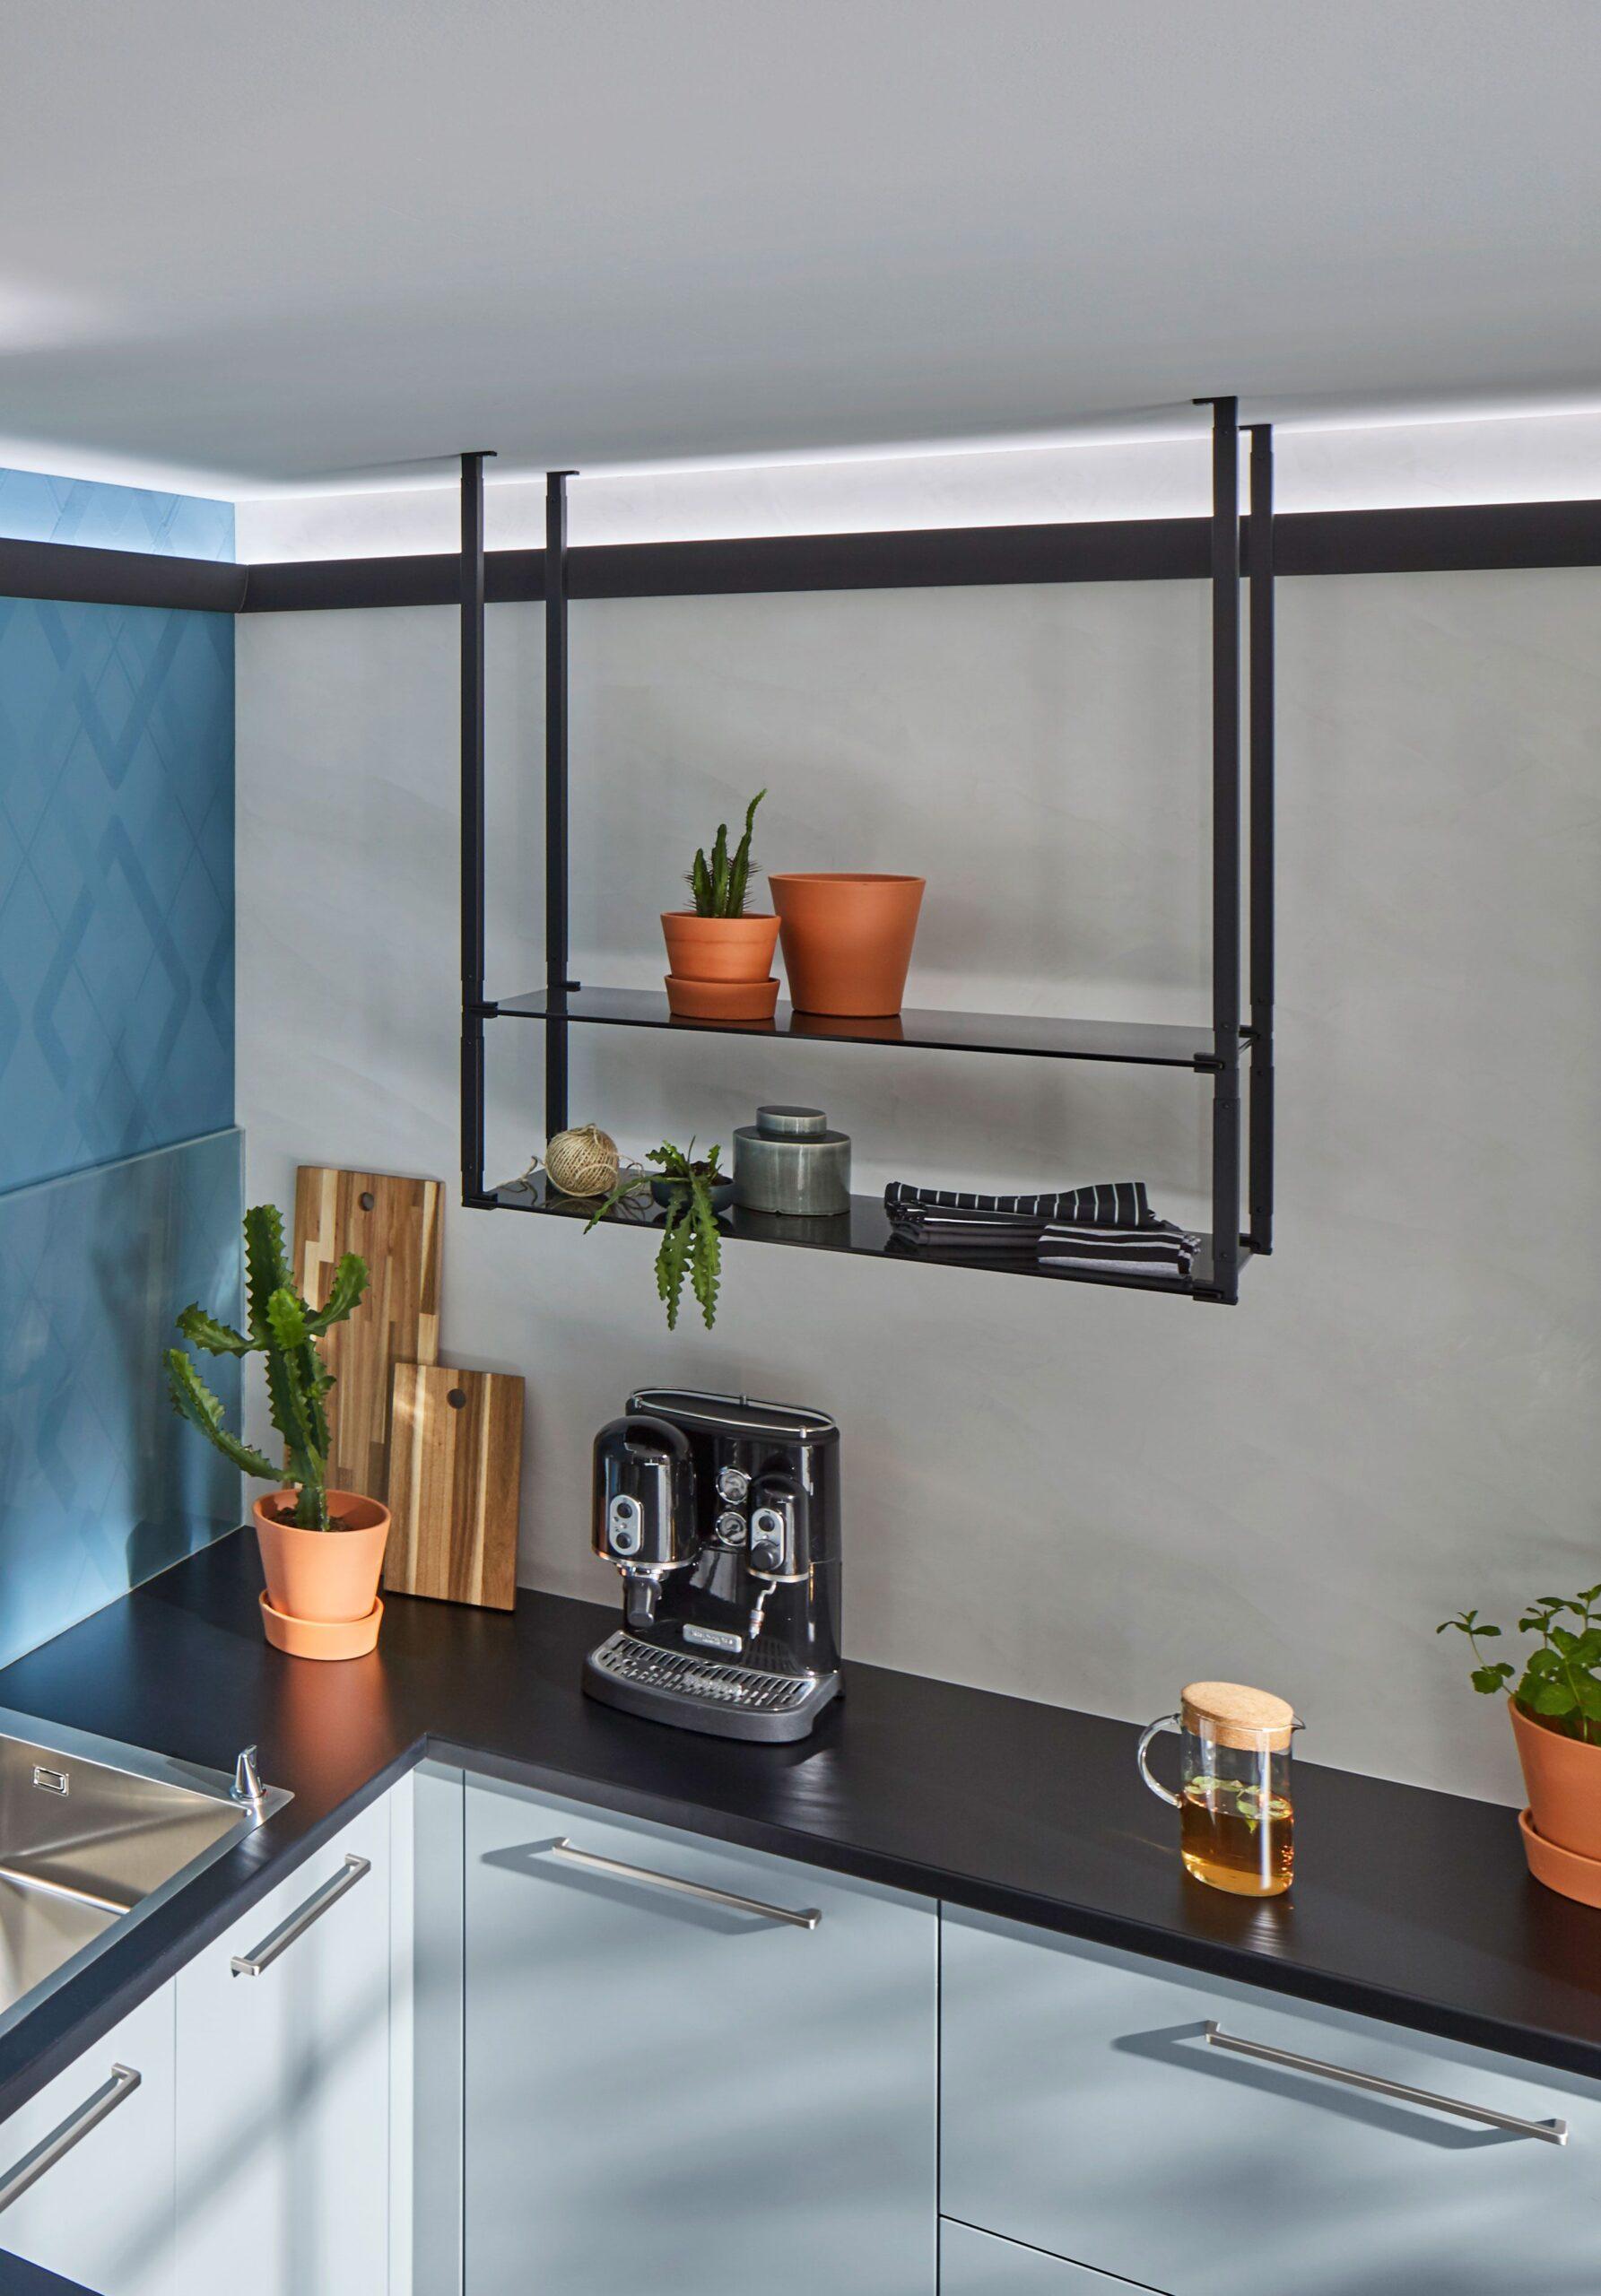 Full Size of Hängeregal Kücheninsel Praktisch Skchenregal Hngeregal Deckenregal Küche Wohnzimmer Hängeregal Kücheninsel